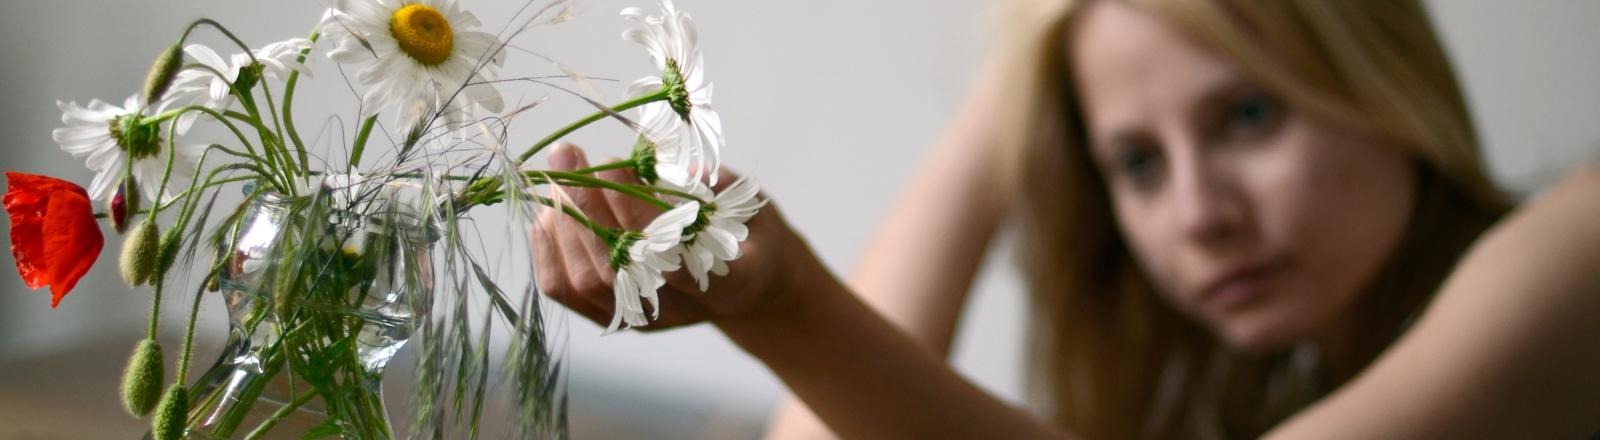 Eine Frau guckt deprimiert auf einen verwelkten Strauß Blumen.